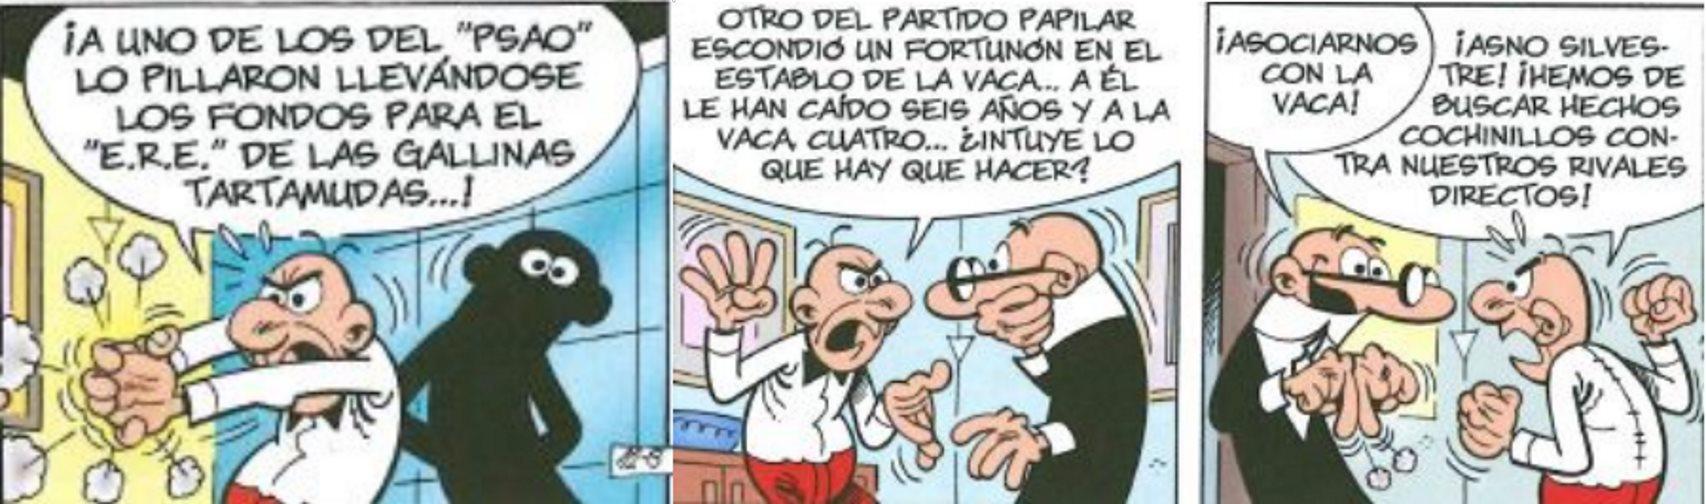 Mortadelo y Filemón dibujan la estrategia para ganar votos.